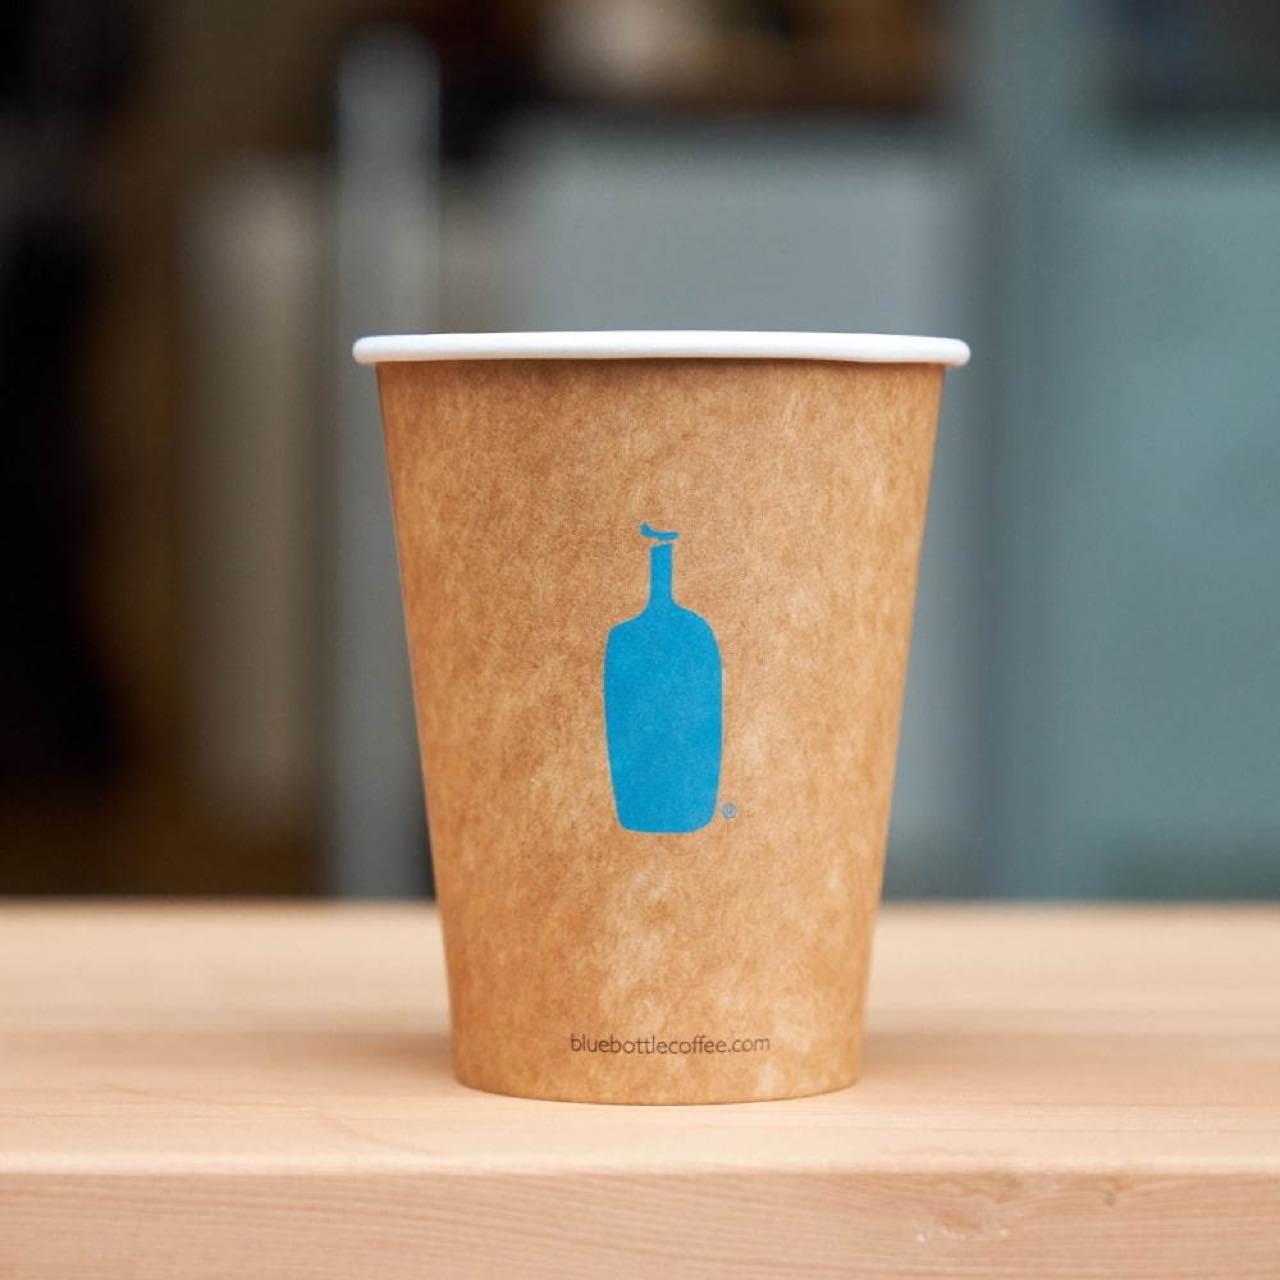 世界初!ドリップマシン導入のブルーボトルコーヒーが東京大丸店にオープン